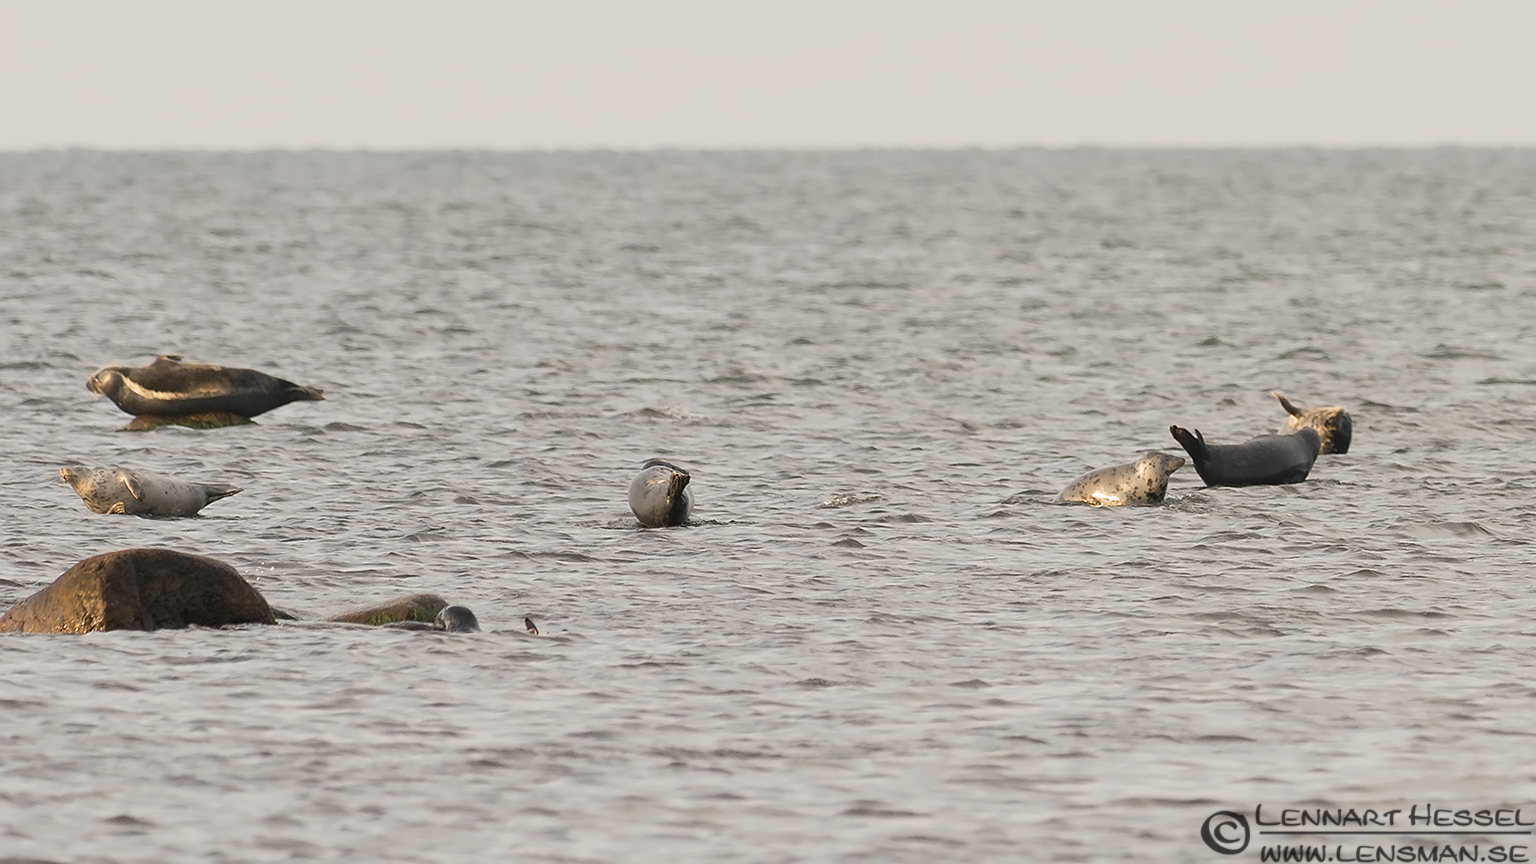 Seal colony Öland 2012